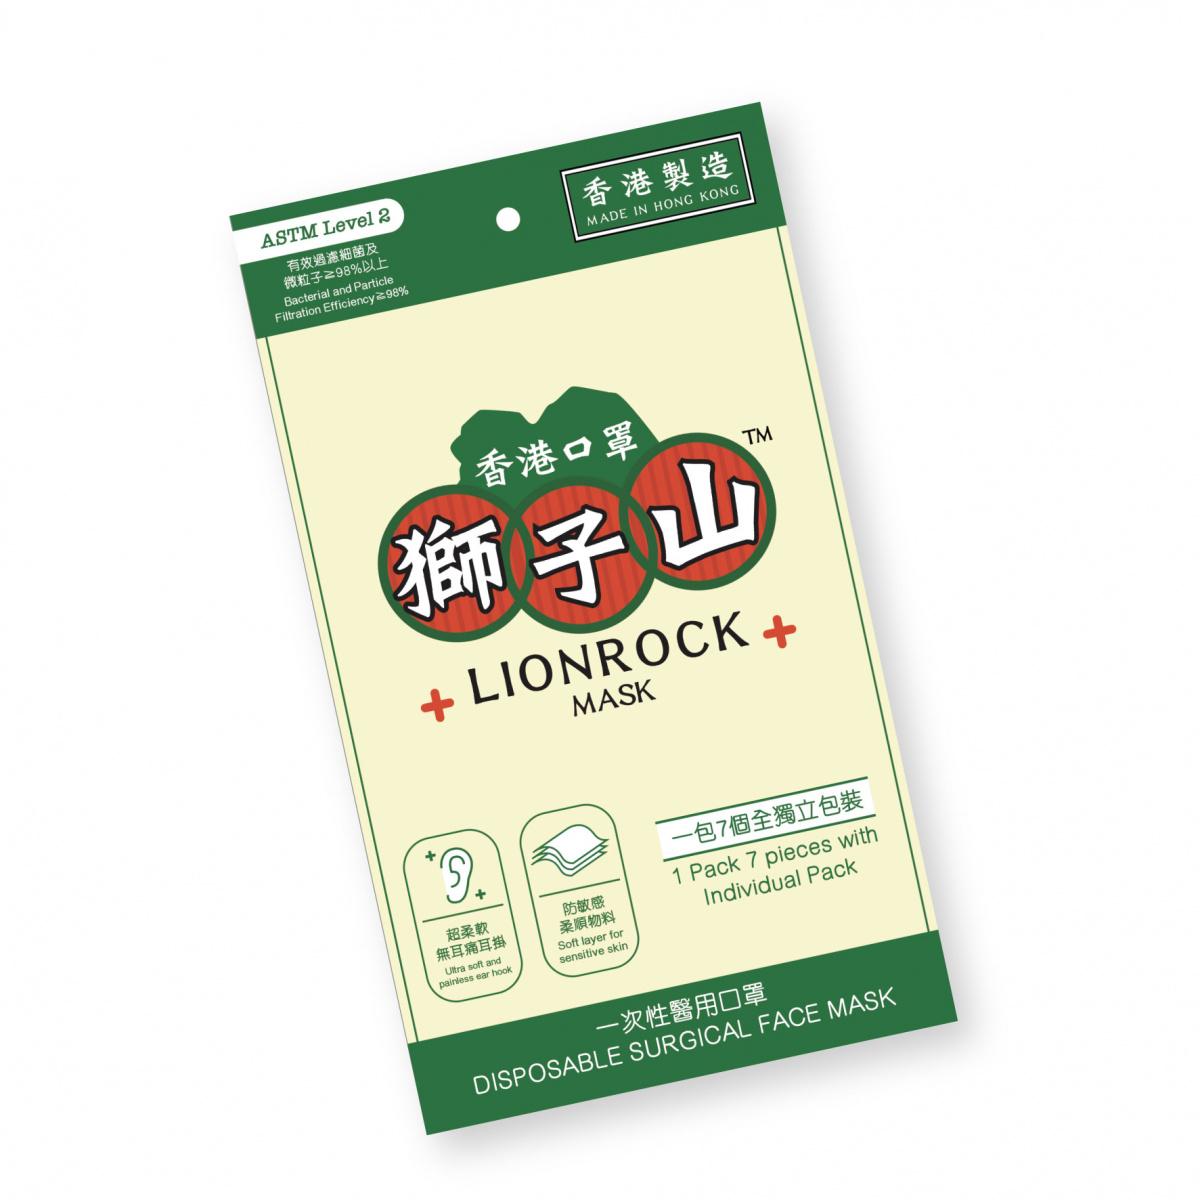 「香港口罩獅子山™ LionRock Mask 」在生活日常ShopDaily進行預售